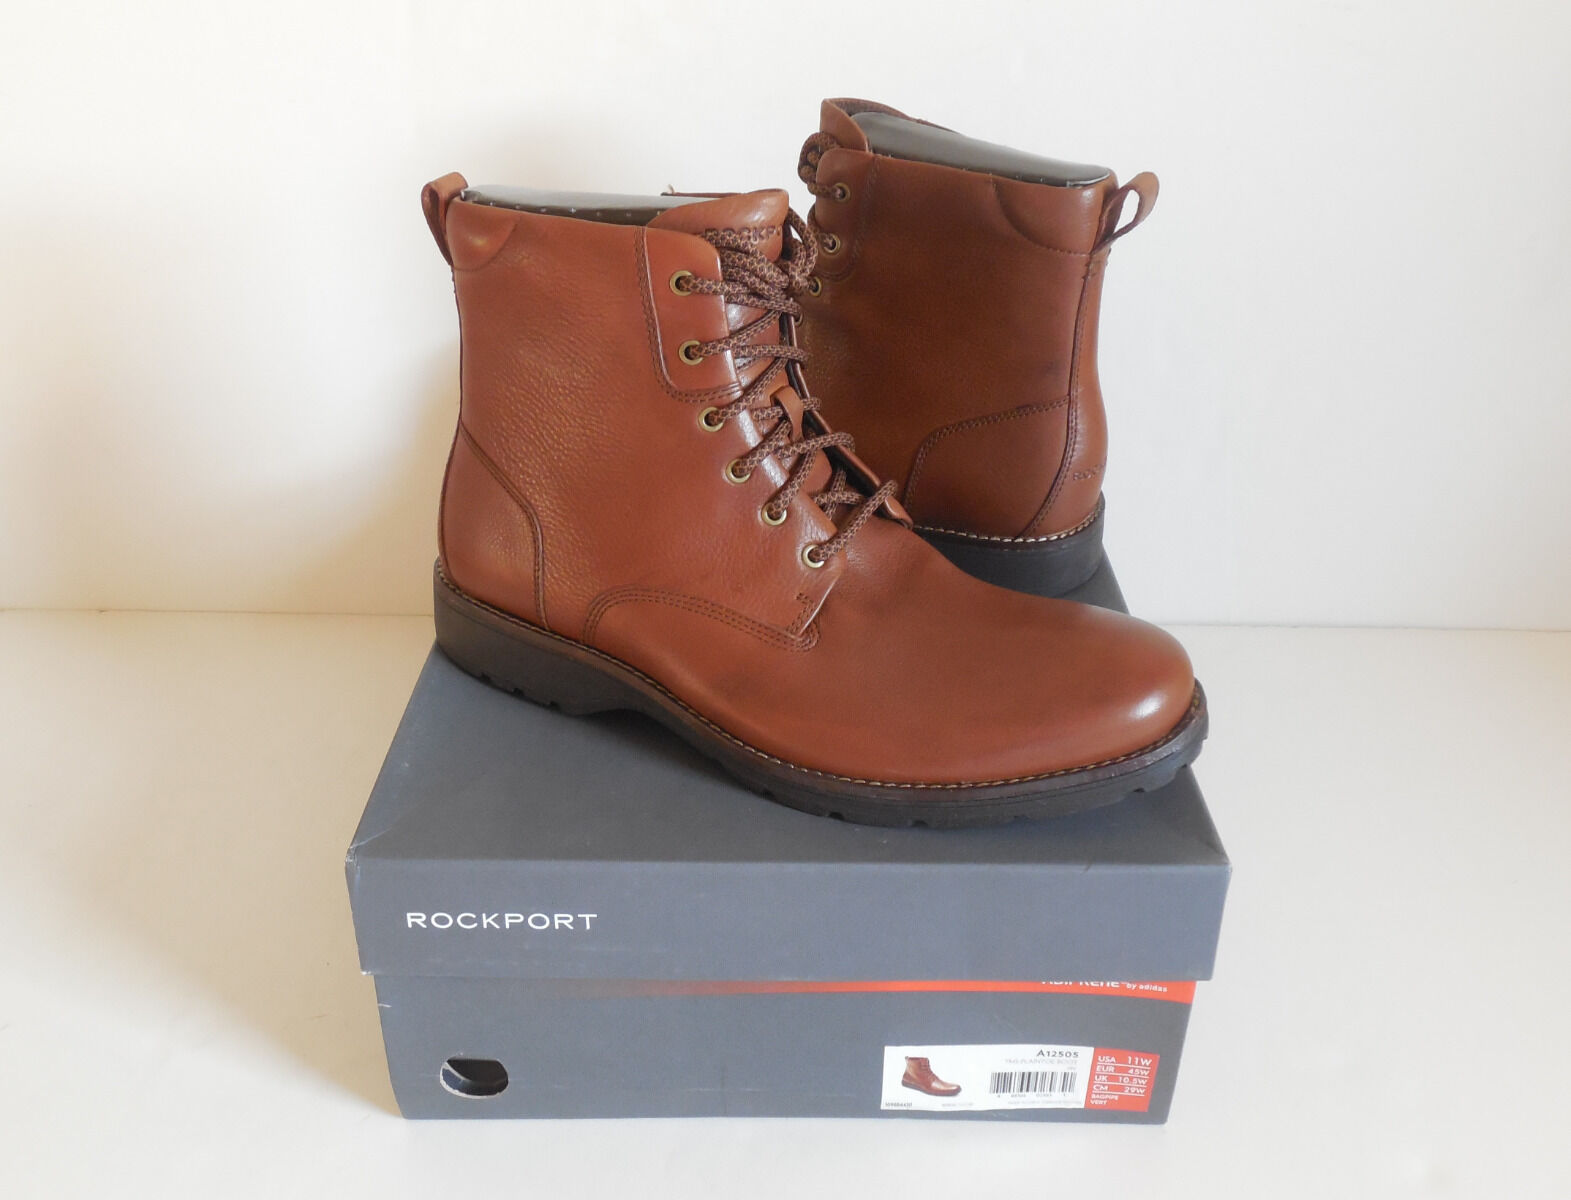 vendita online Rockport A12505 Total Motion Street Plain Toe Lace Up Up Up Uomo stivali Dimensione 11W New  basso prezzo del 40%